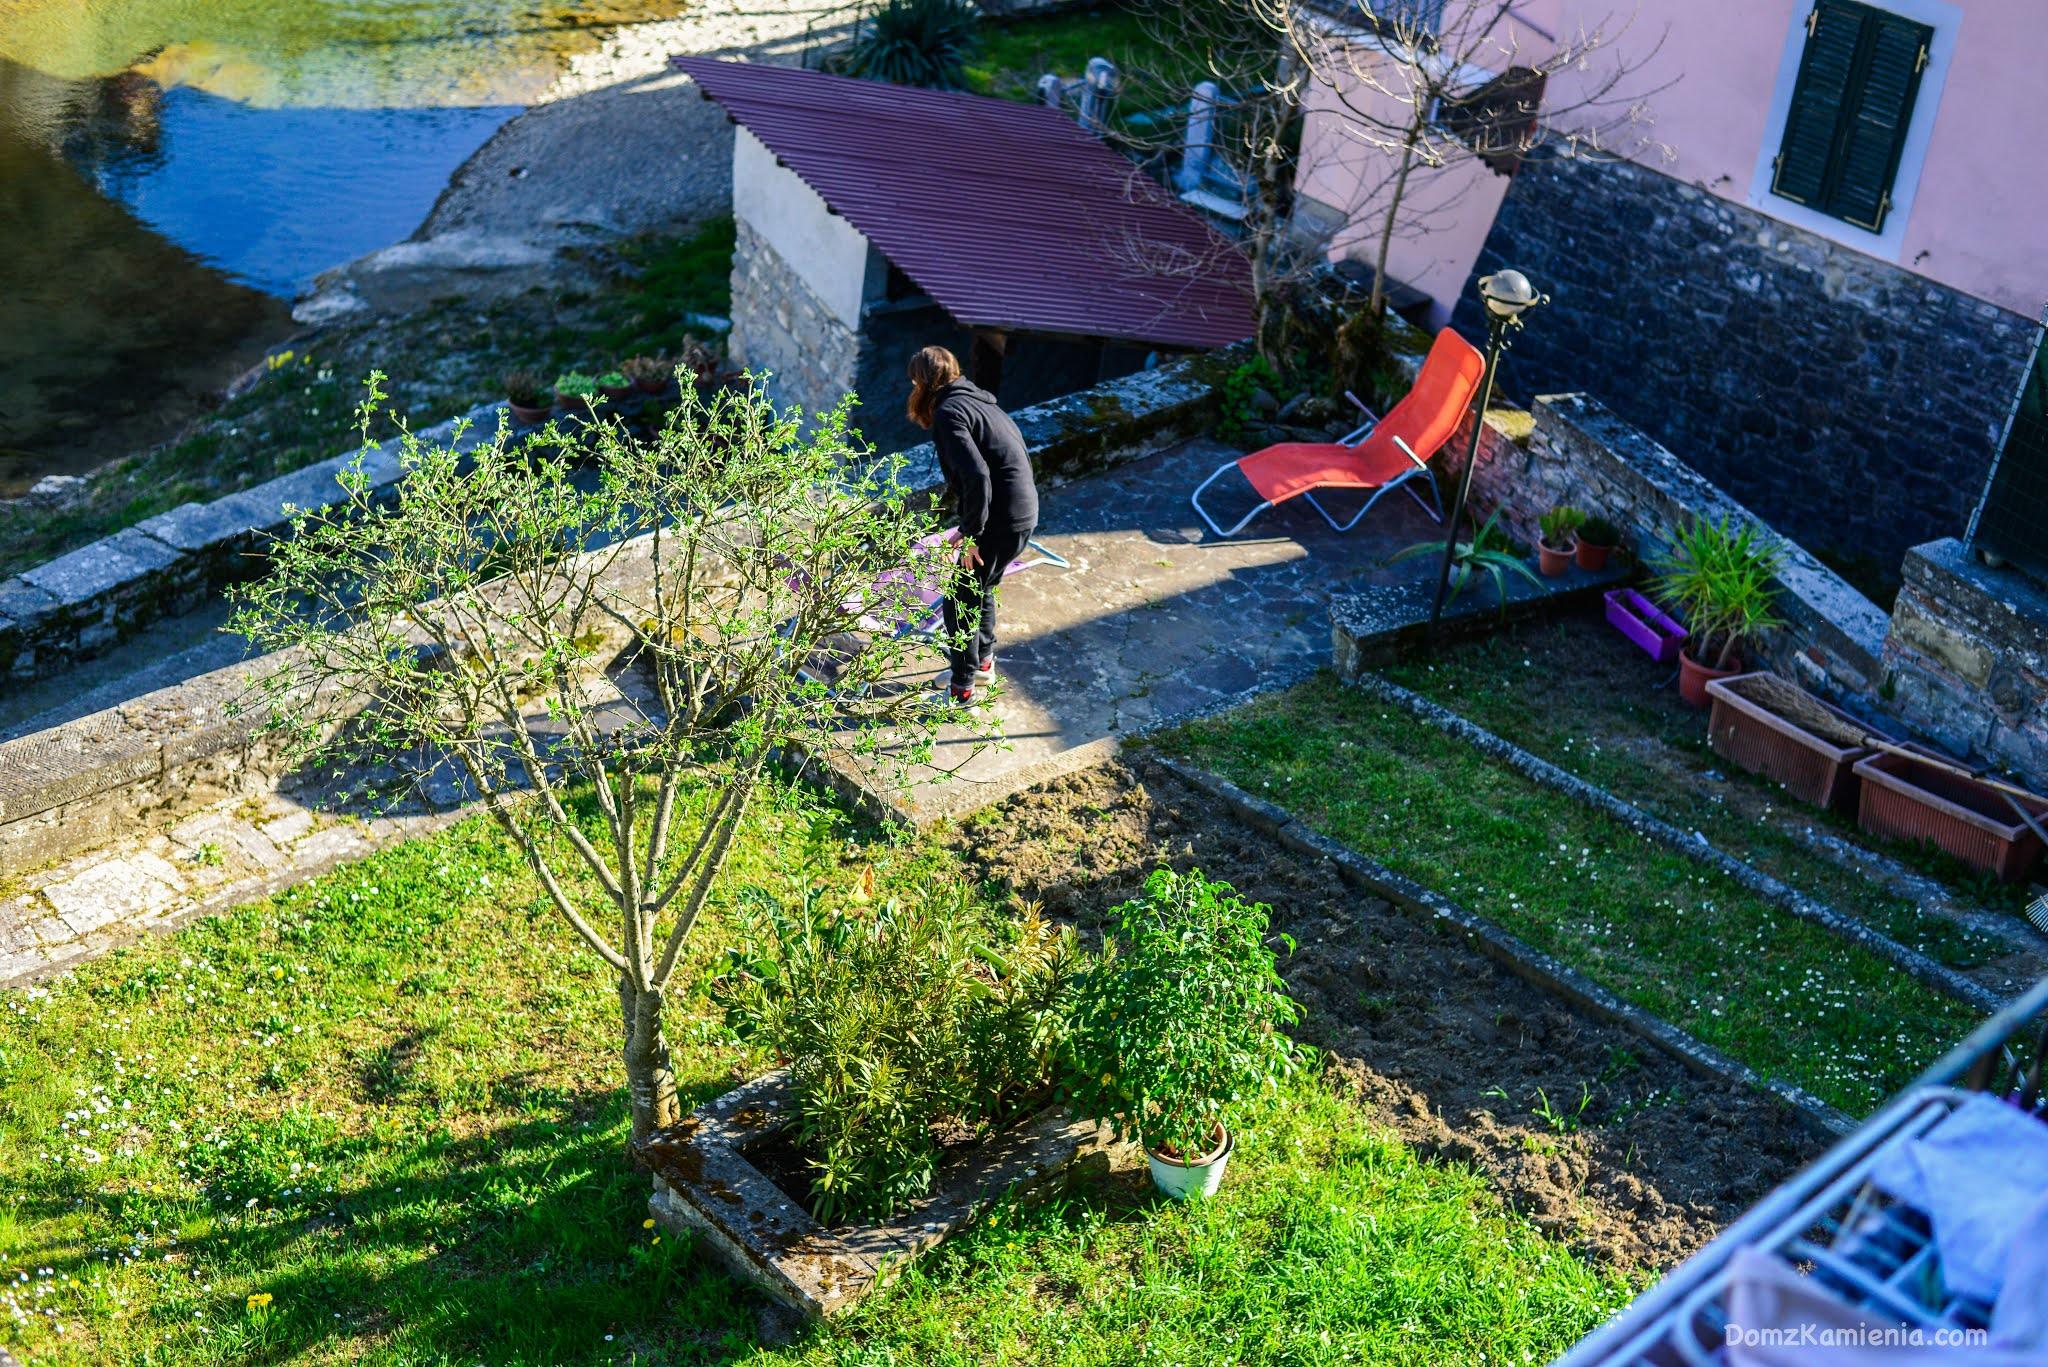 Dom z Kamienia blog, Biforco